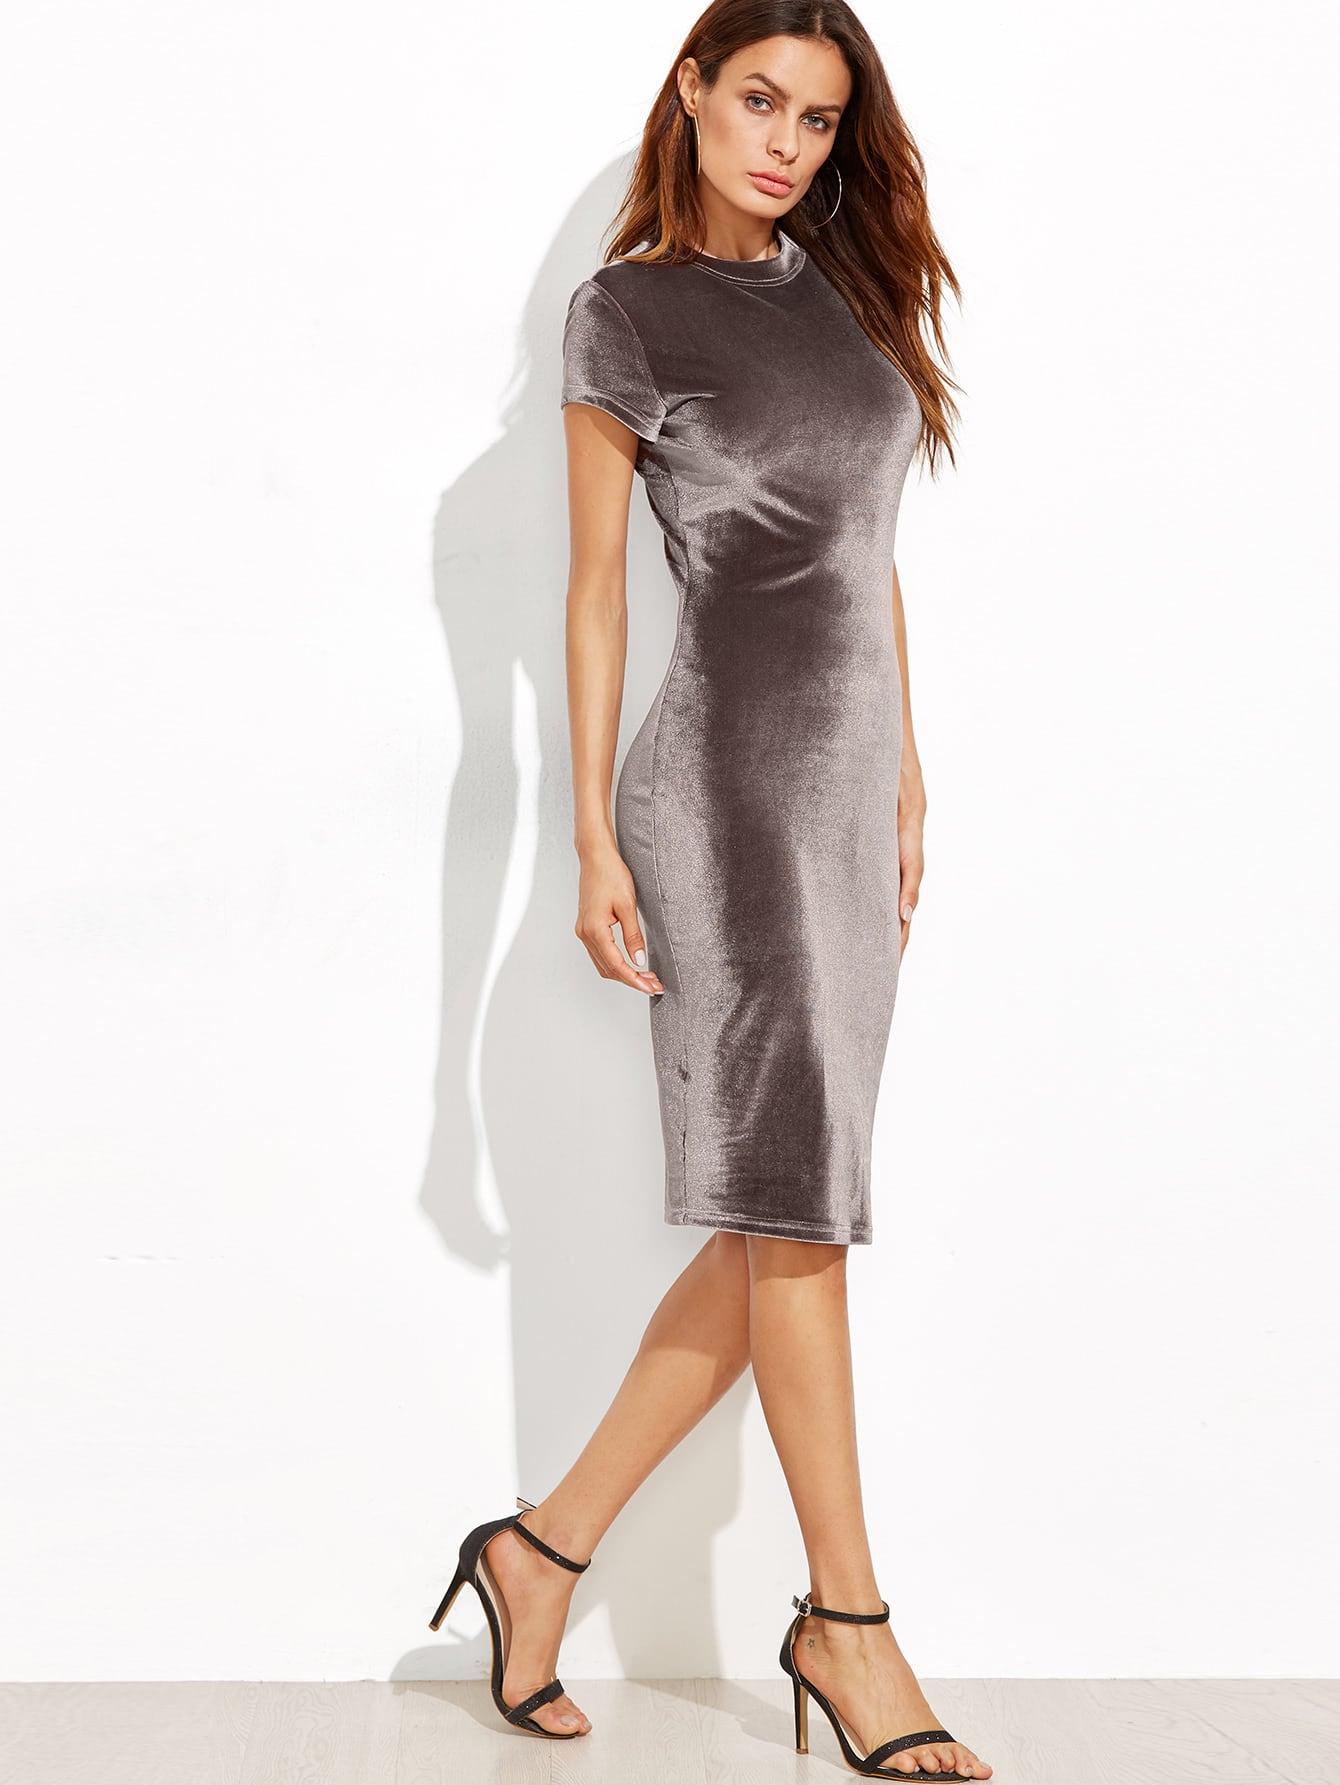 dress160909501_2